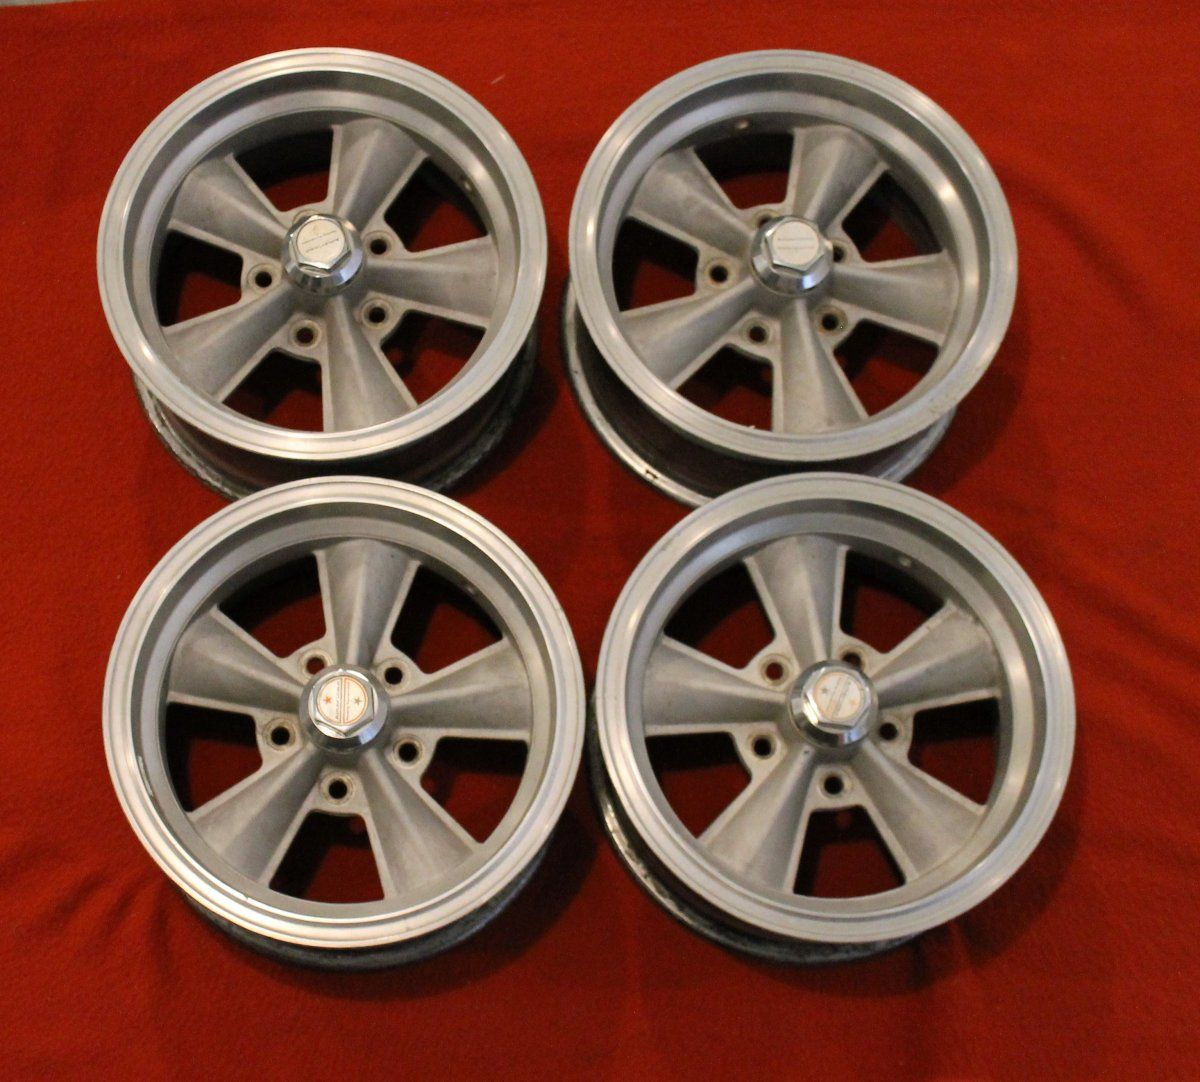 T 70r American Racing Wheels Racing Wheel American Racing Wheels Aftermarket Wheels